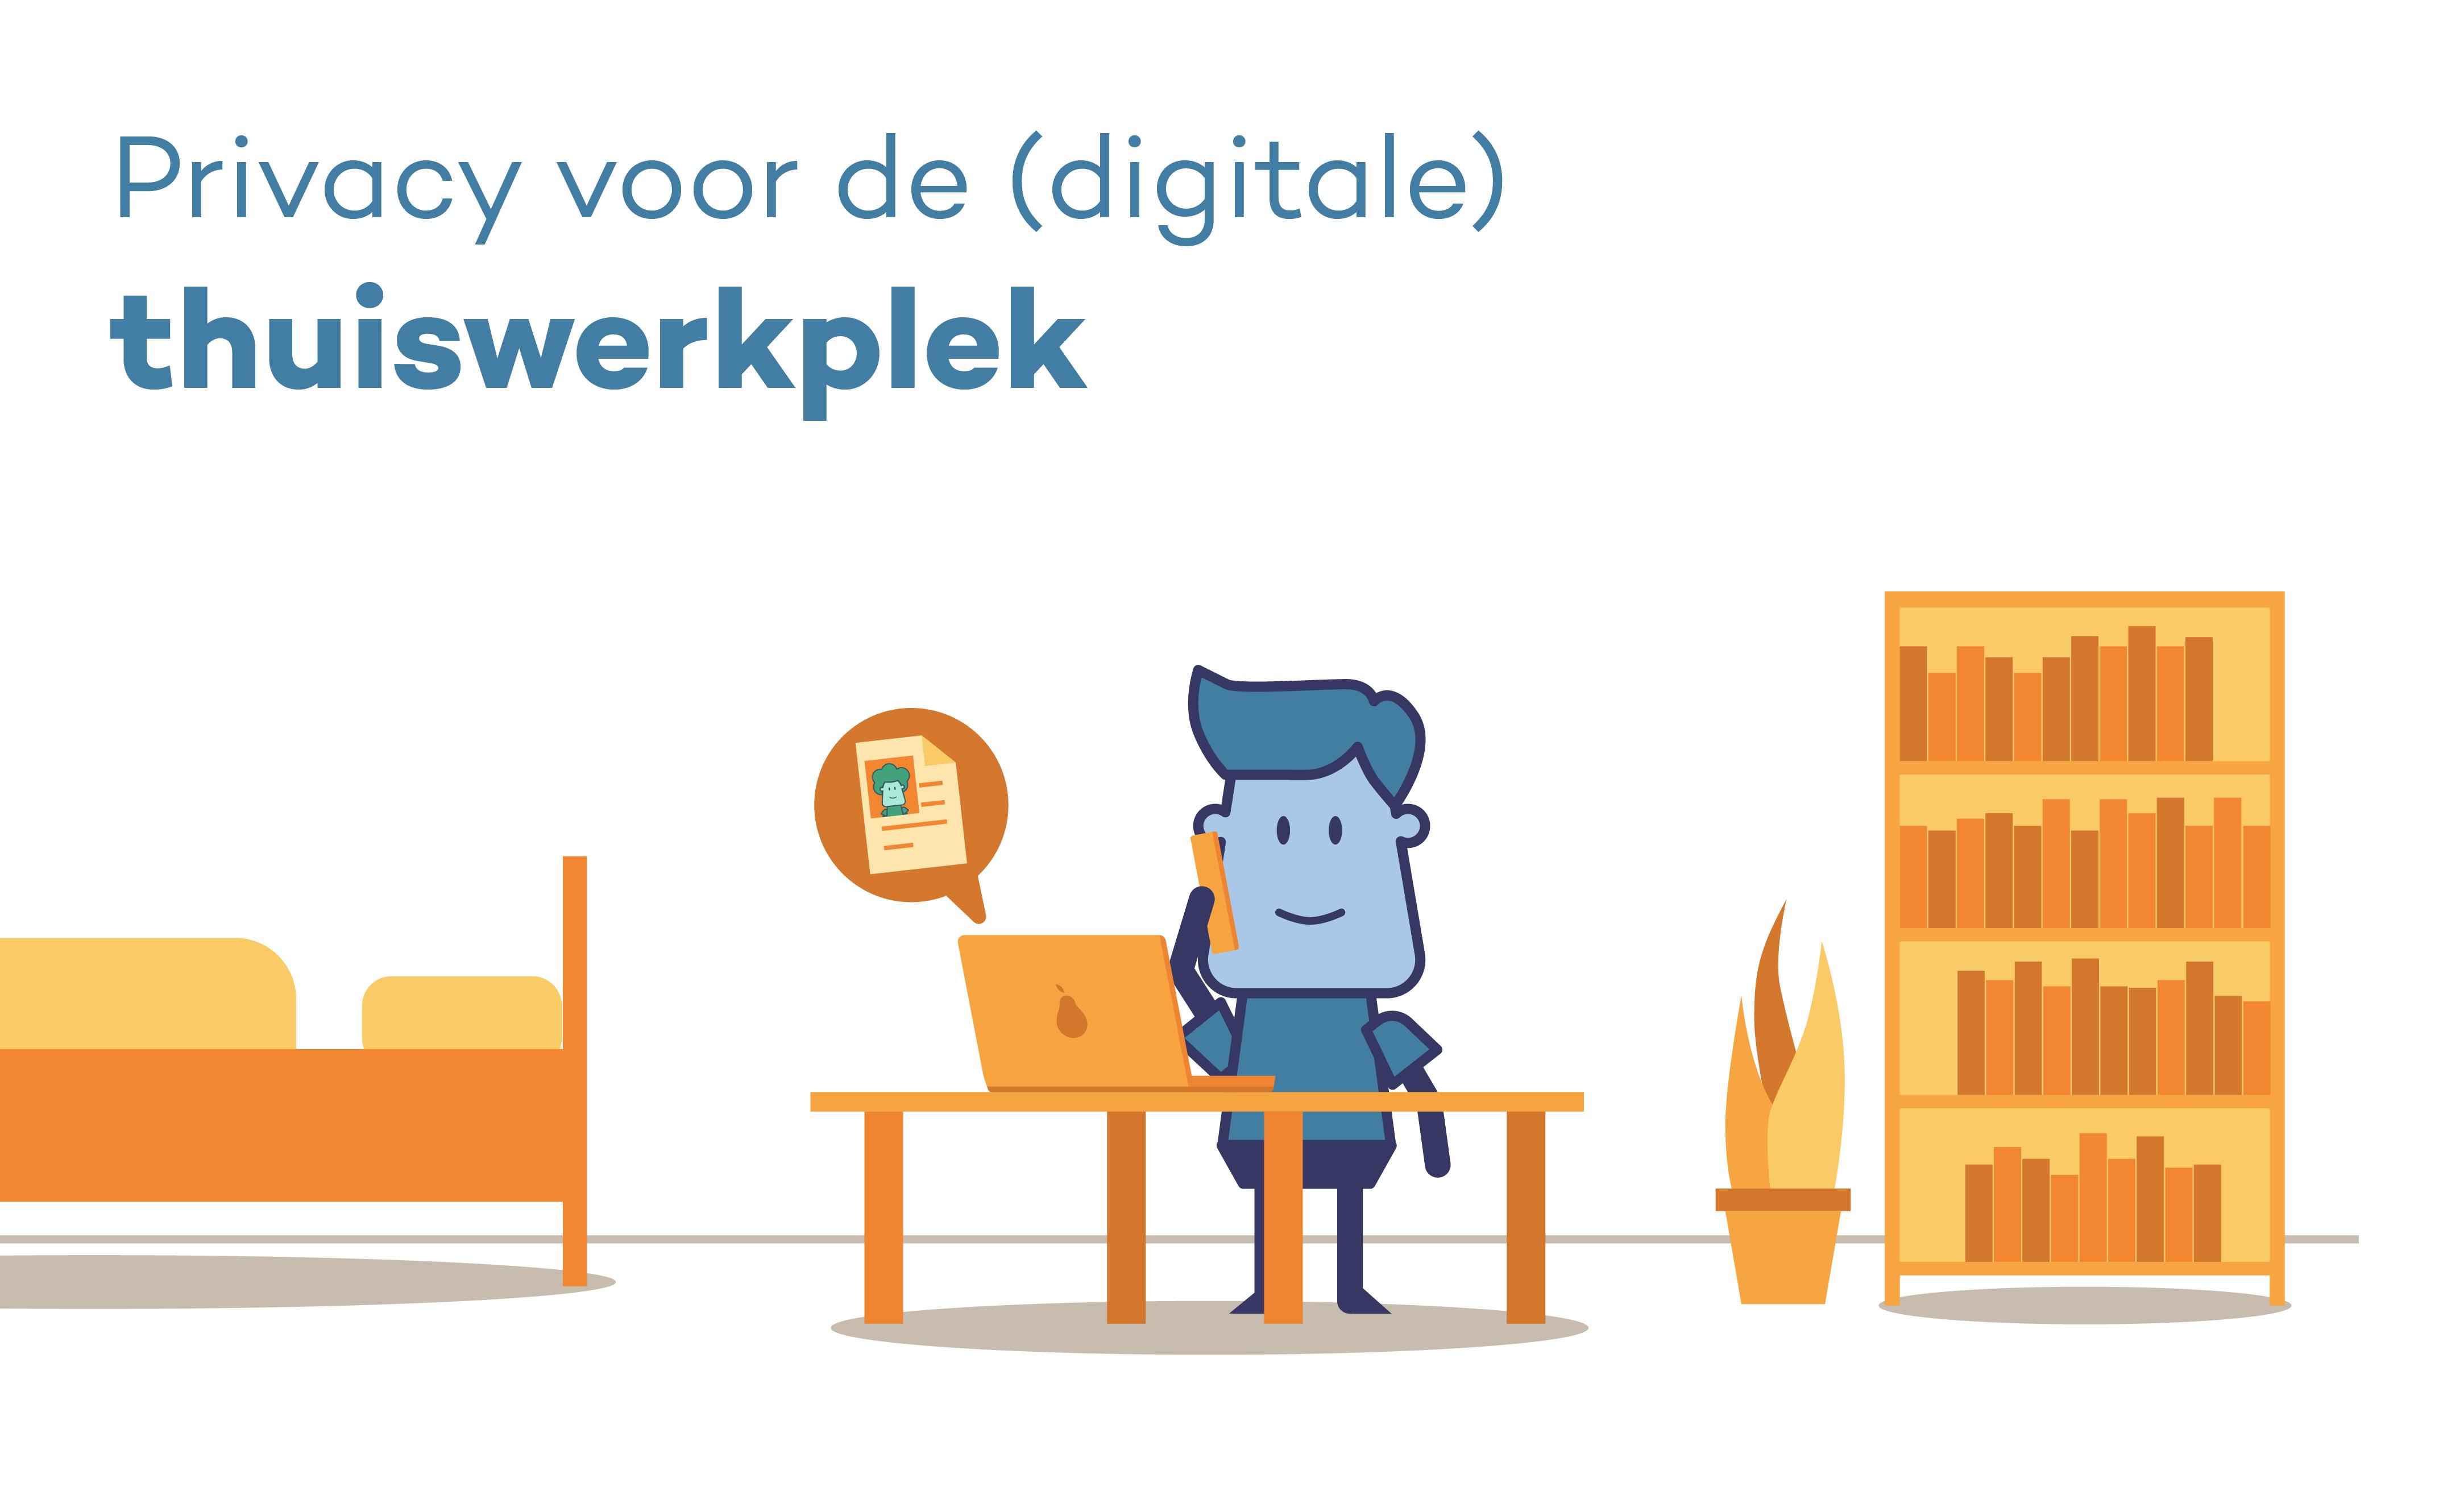 Privacy voor de (digitale) thuiswerkplek